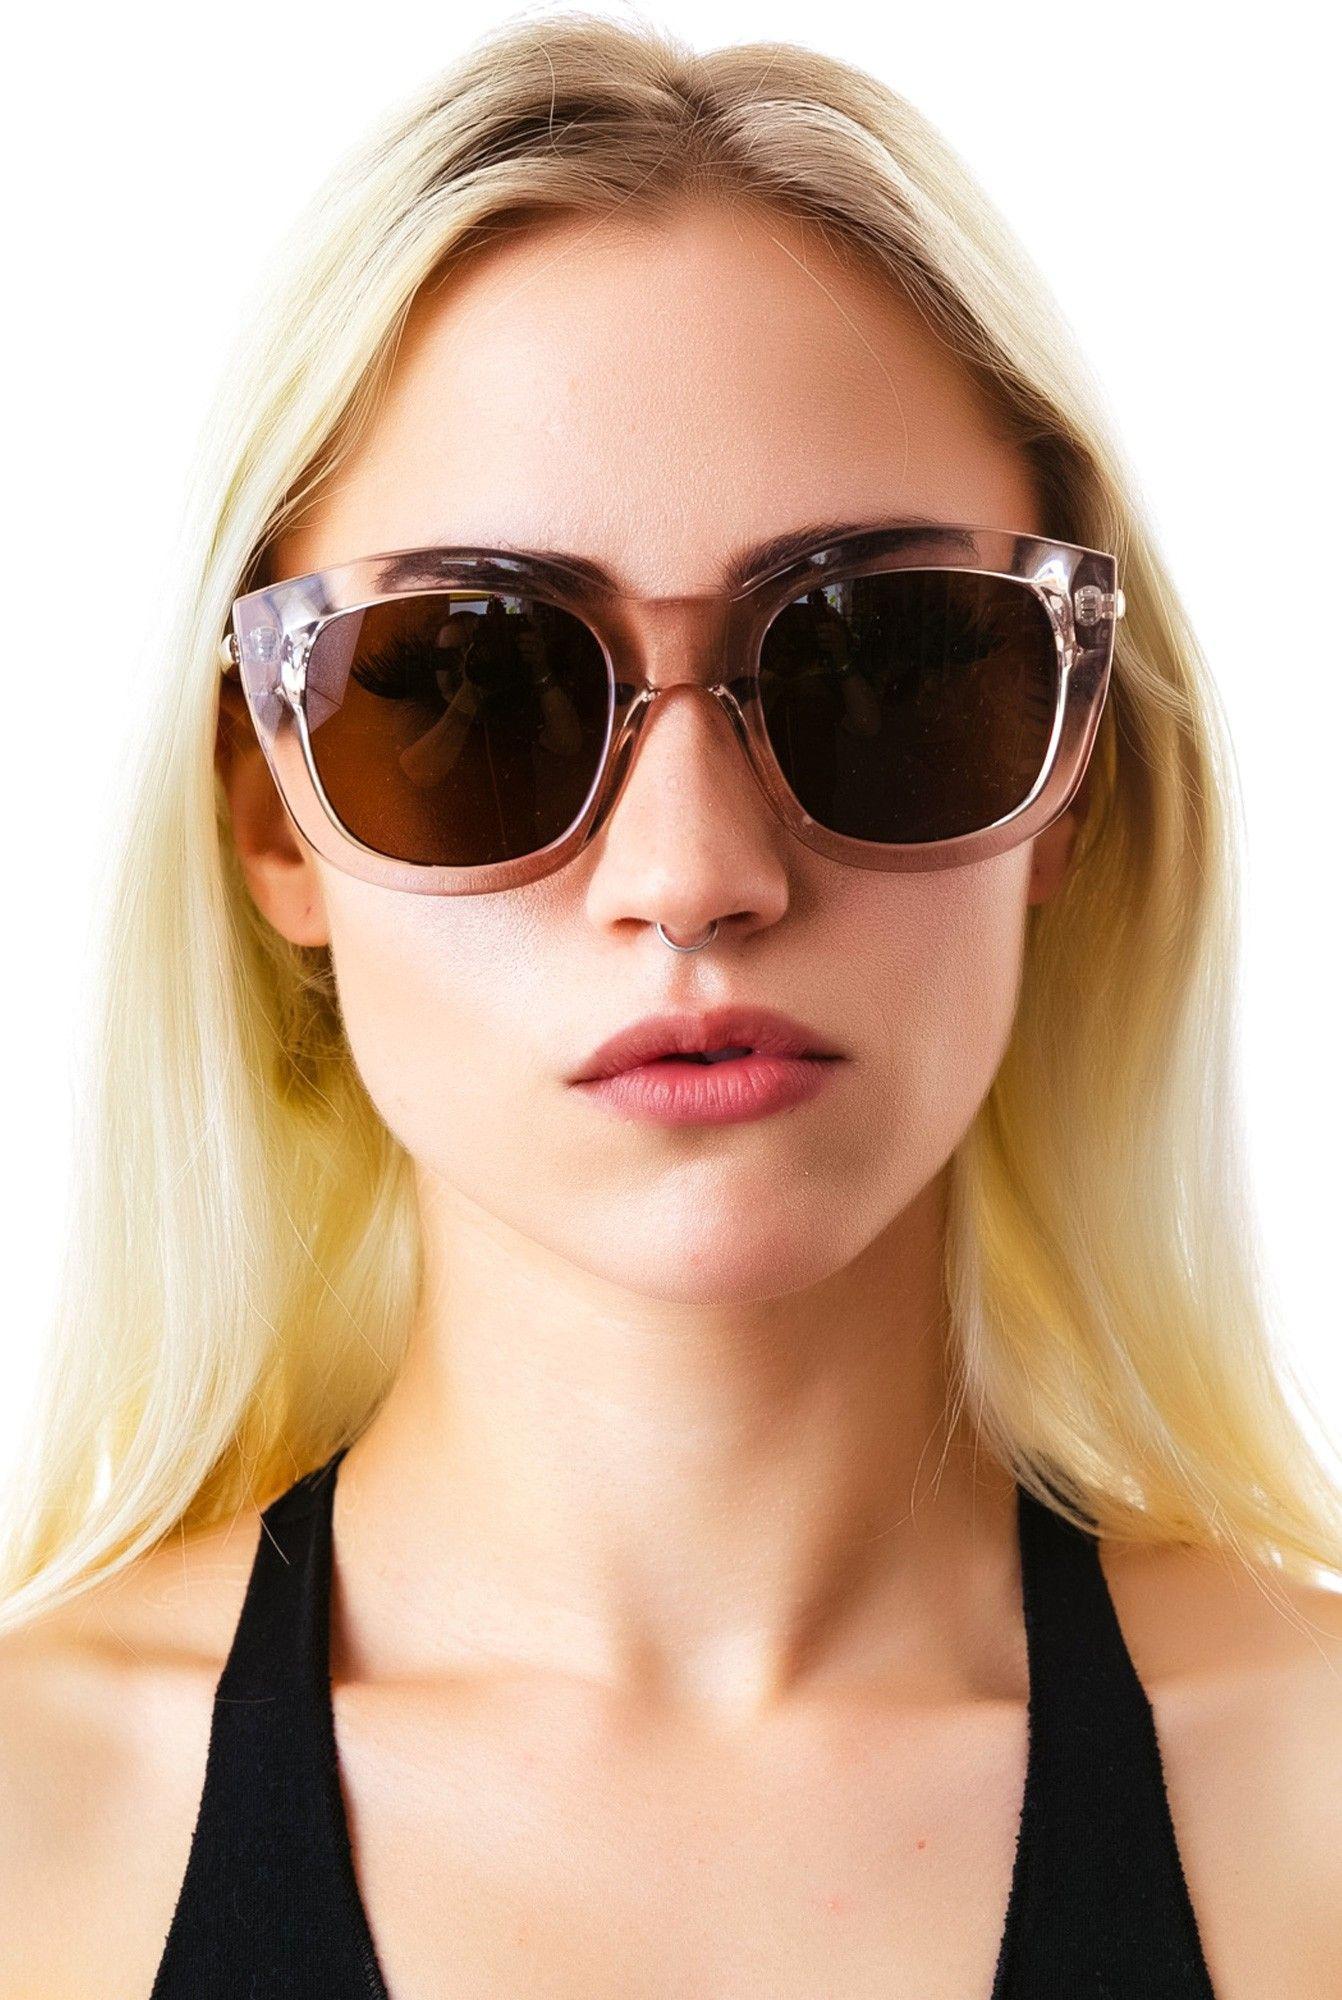 b4056a16b6e Items Le Dolls Kill Favorite Luxe Runaways Specs Sunglasses f0Cxwrfq